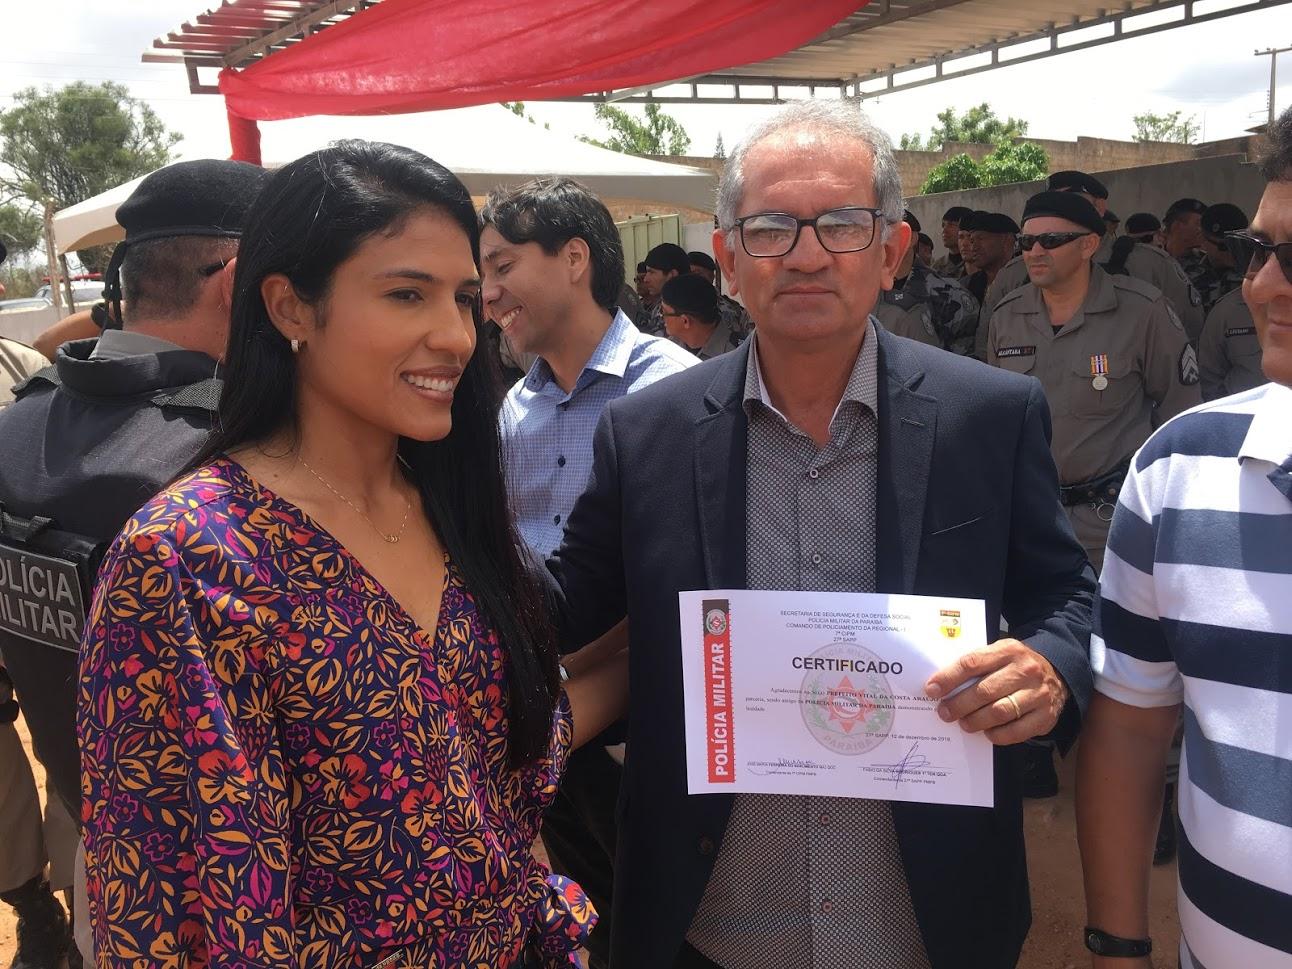 Prefeito Vital Costa recebe homenagem da Polícia Militar